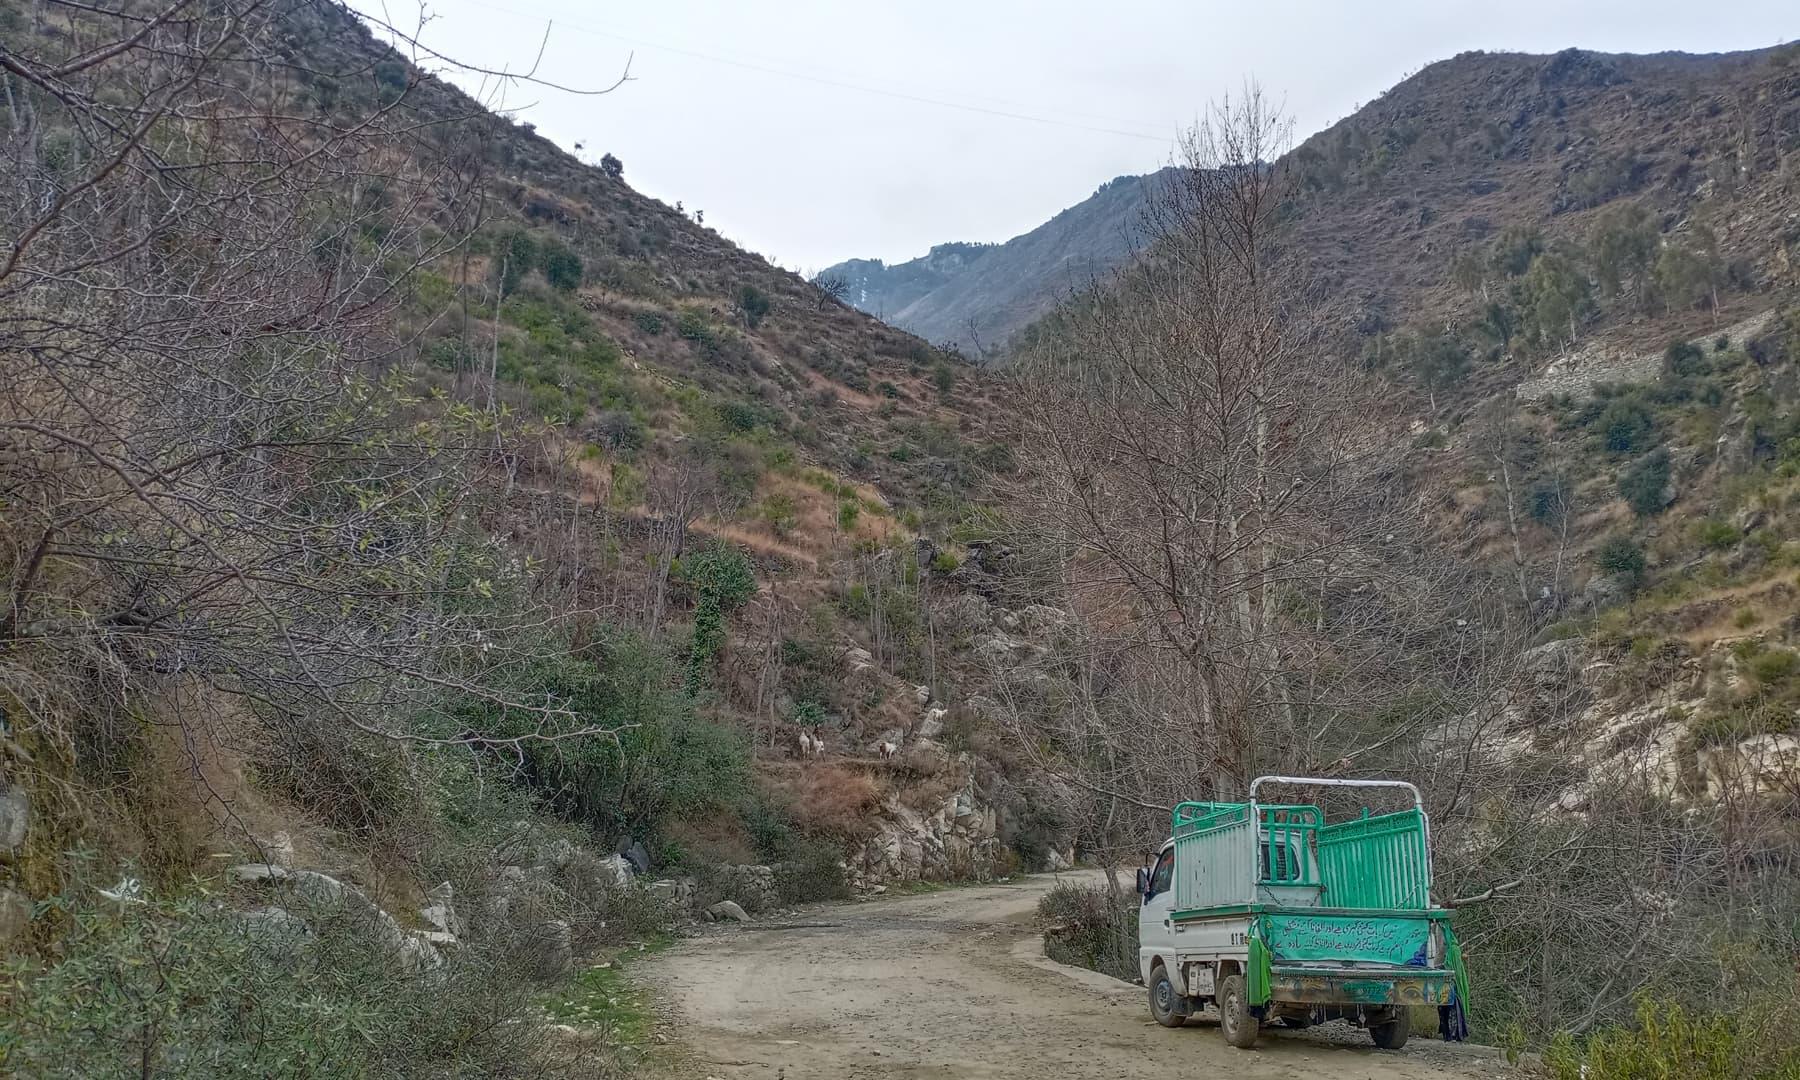 ابرار حکومت سے سڑک کی تعمیر کا مطالبہ کرتے ہیں—تصویر  عظمت اکبر